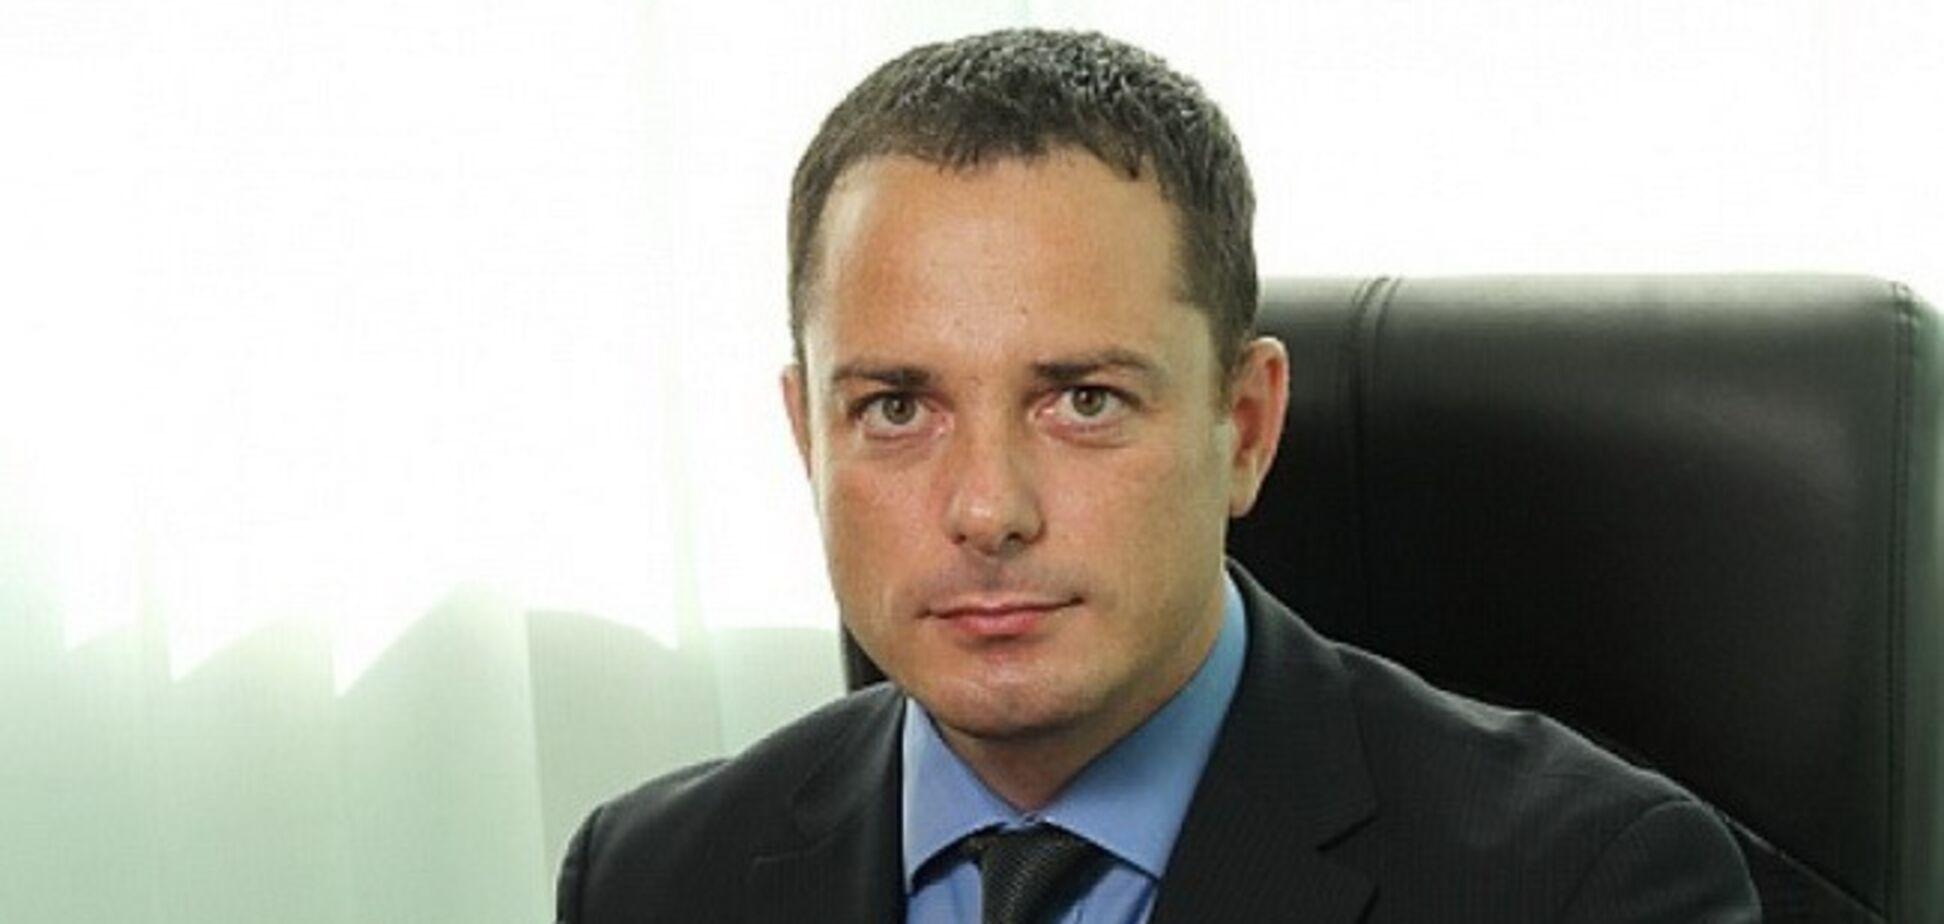 Мэр Каменского отдавал крупные инфраструктурные подряды фирмам друзей и партнеров, – СМИ